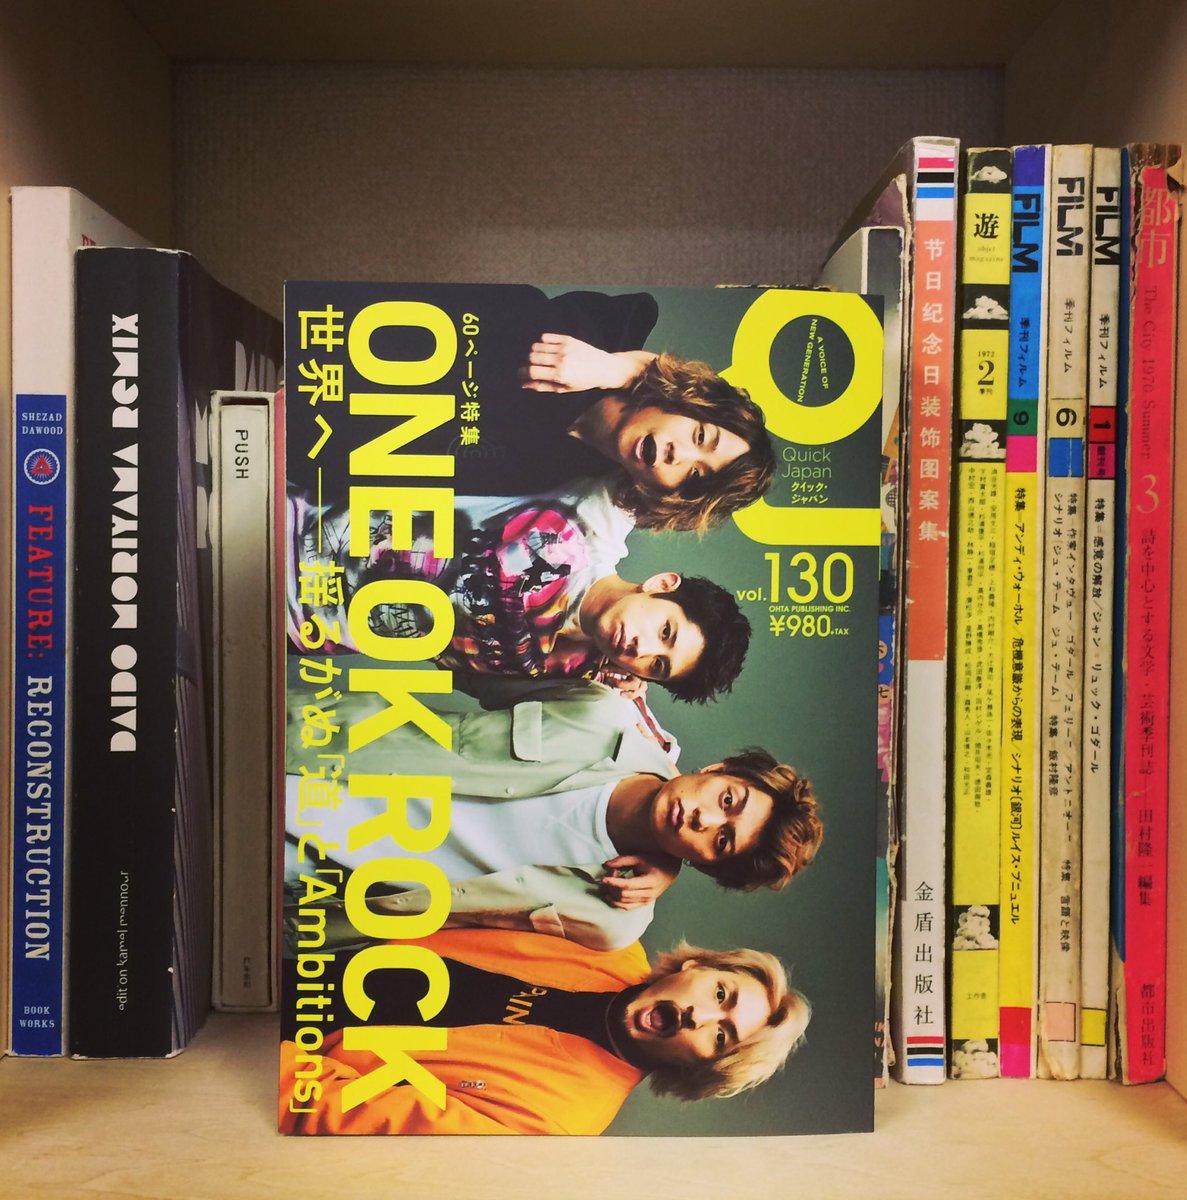 【Quick Japan vol.130】発売されました!!【ONE OK ROCK】2つのグラビア、北米ツアー密着レポ